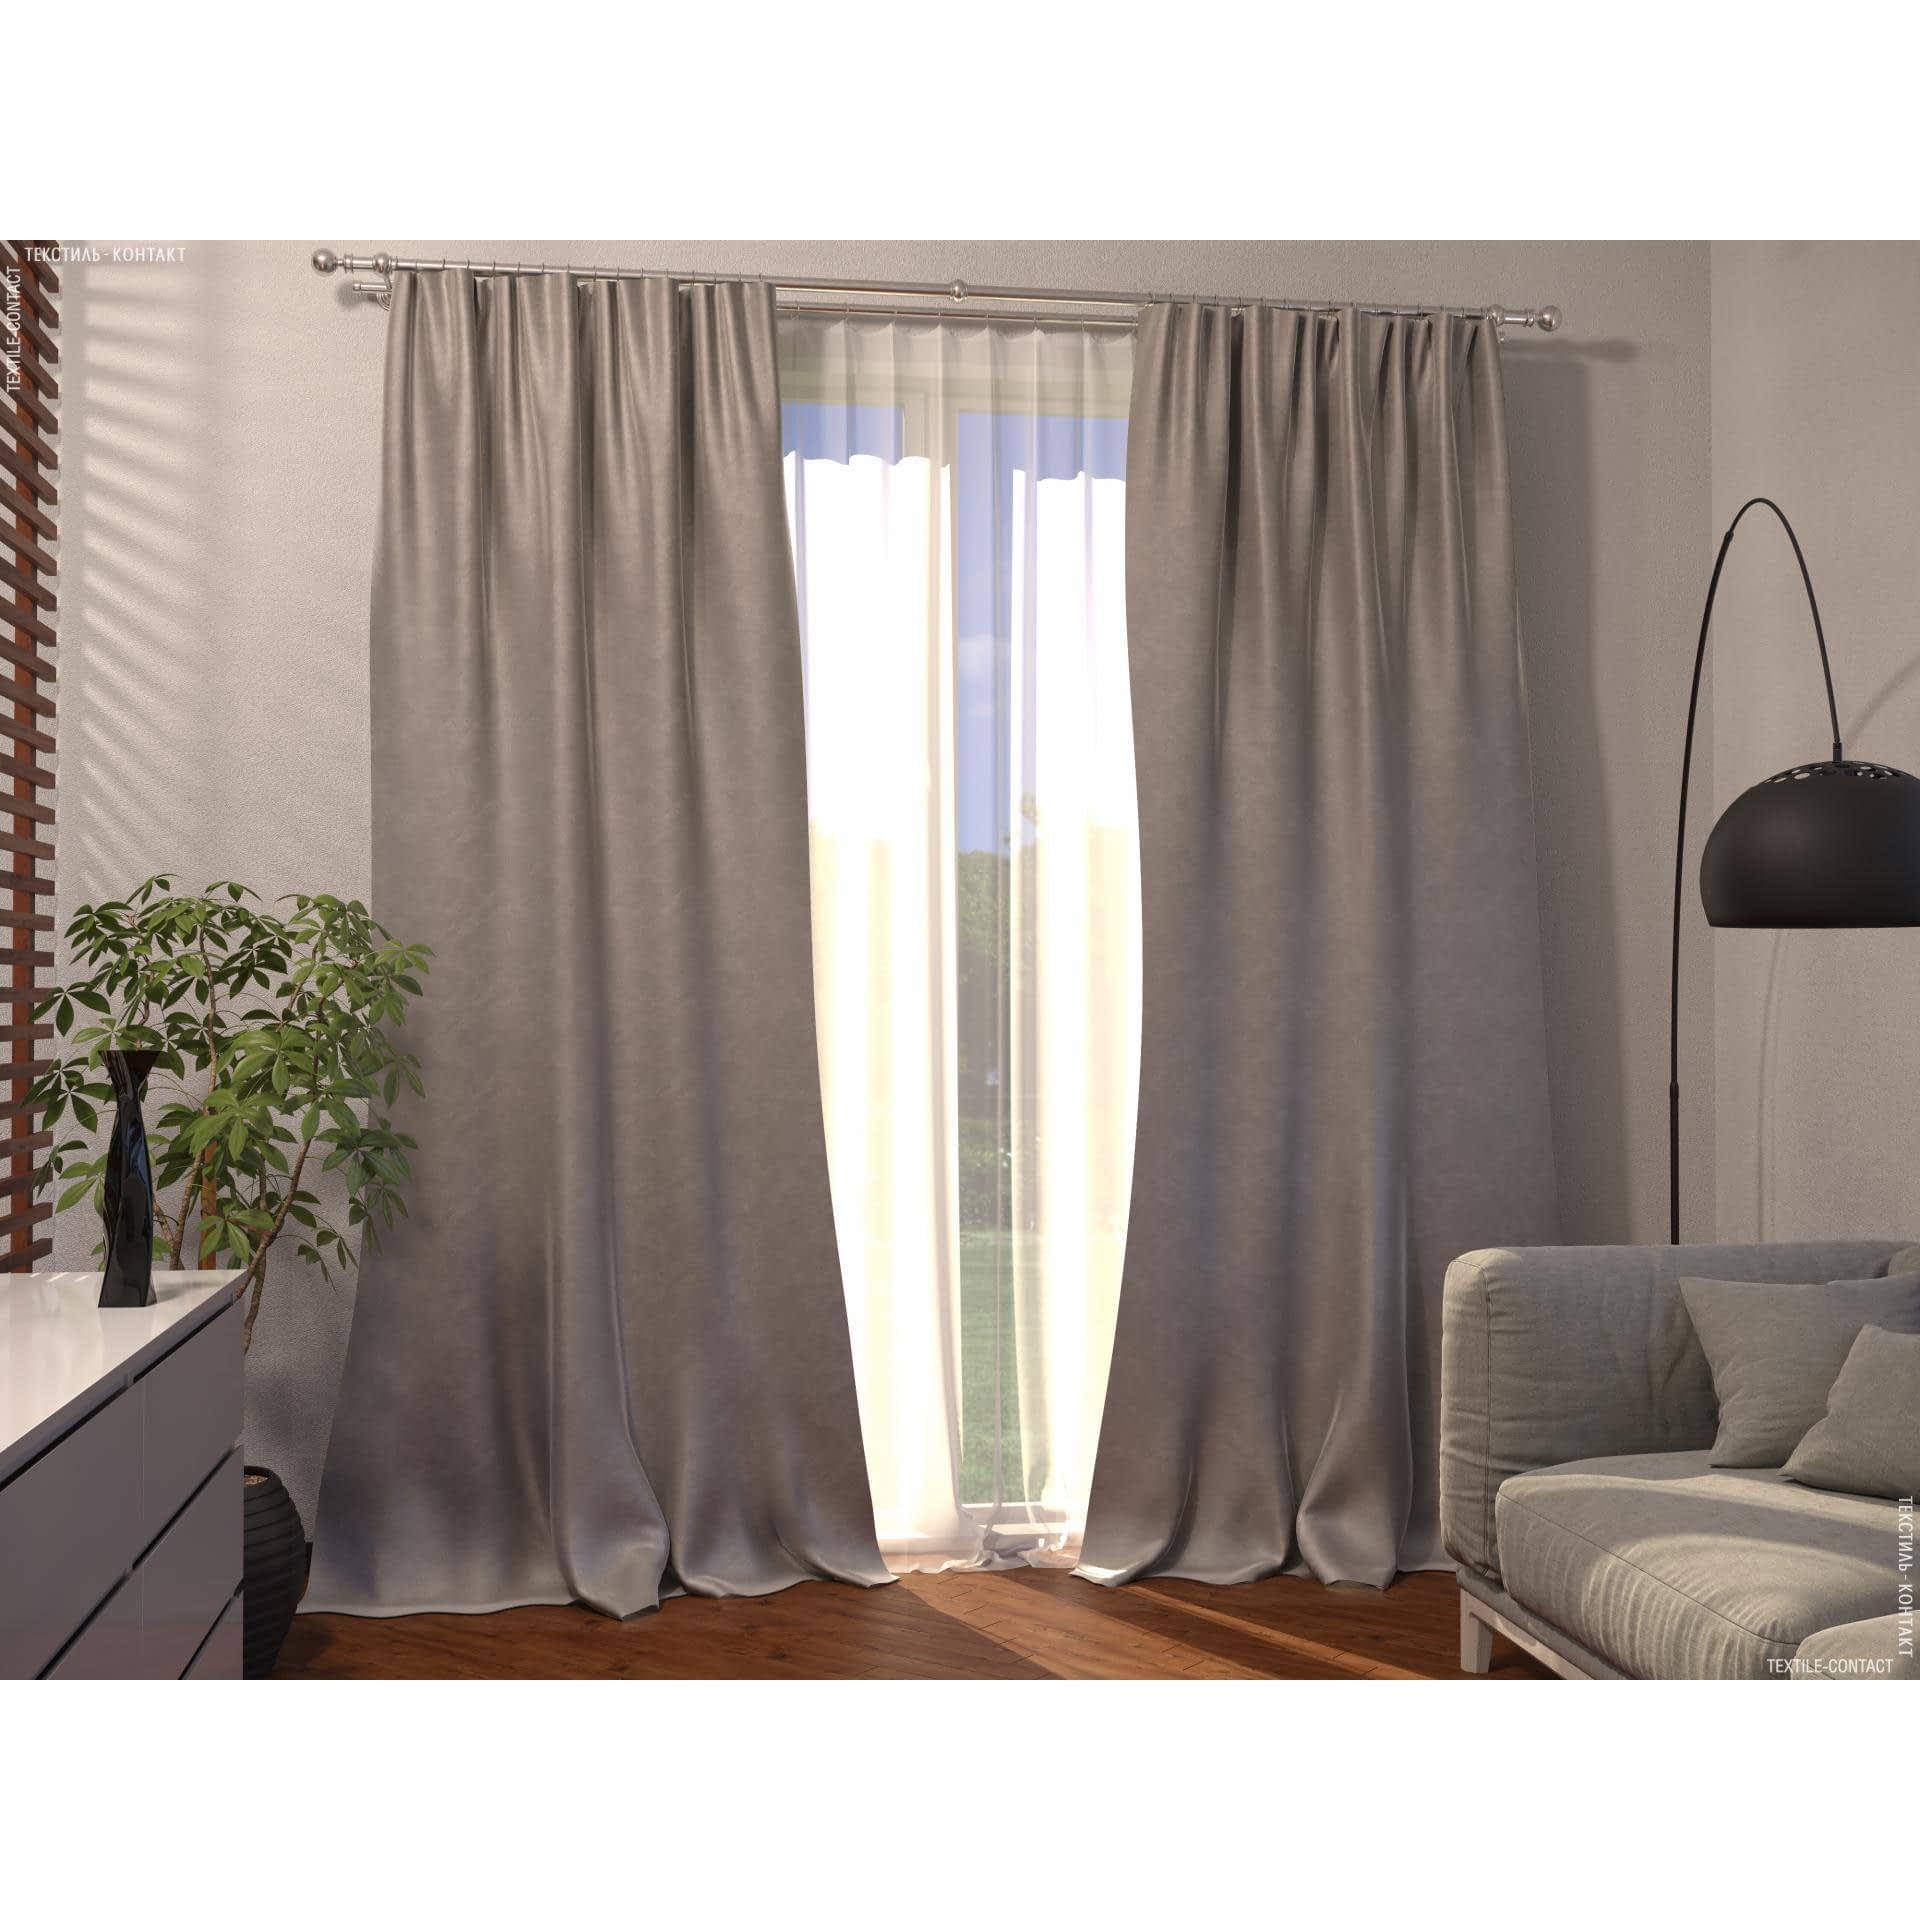 Ткани готовые изделия - Декоративная штора велюр миллениум/песок 140/270 см